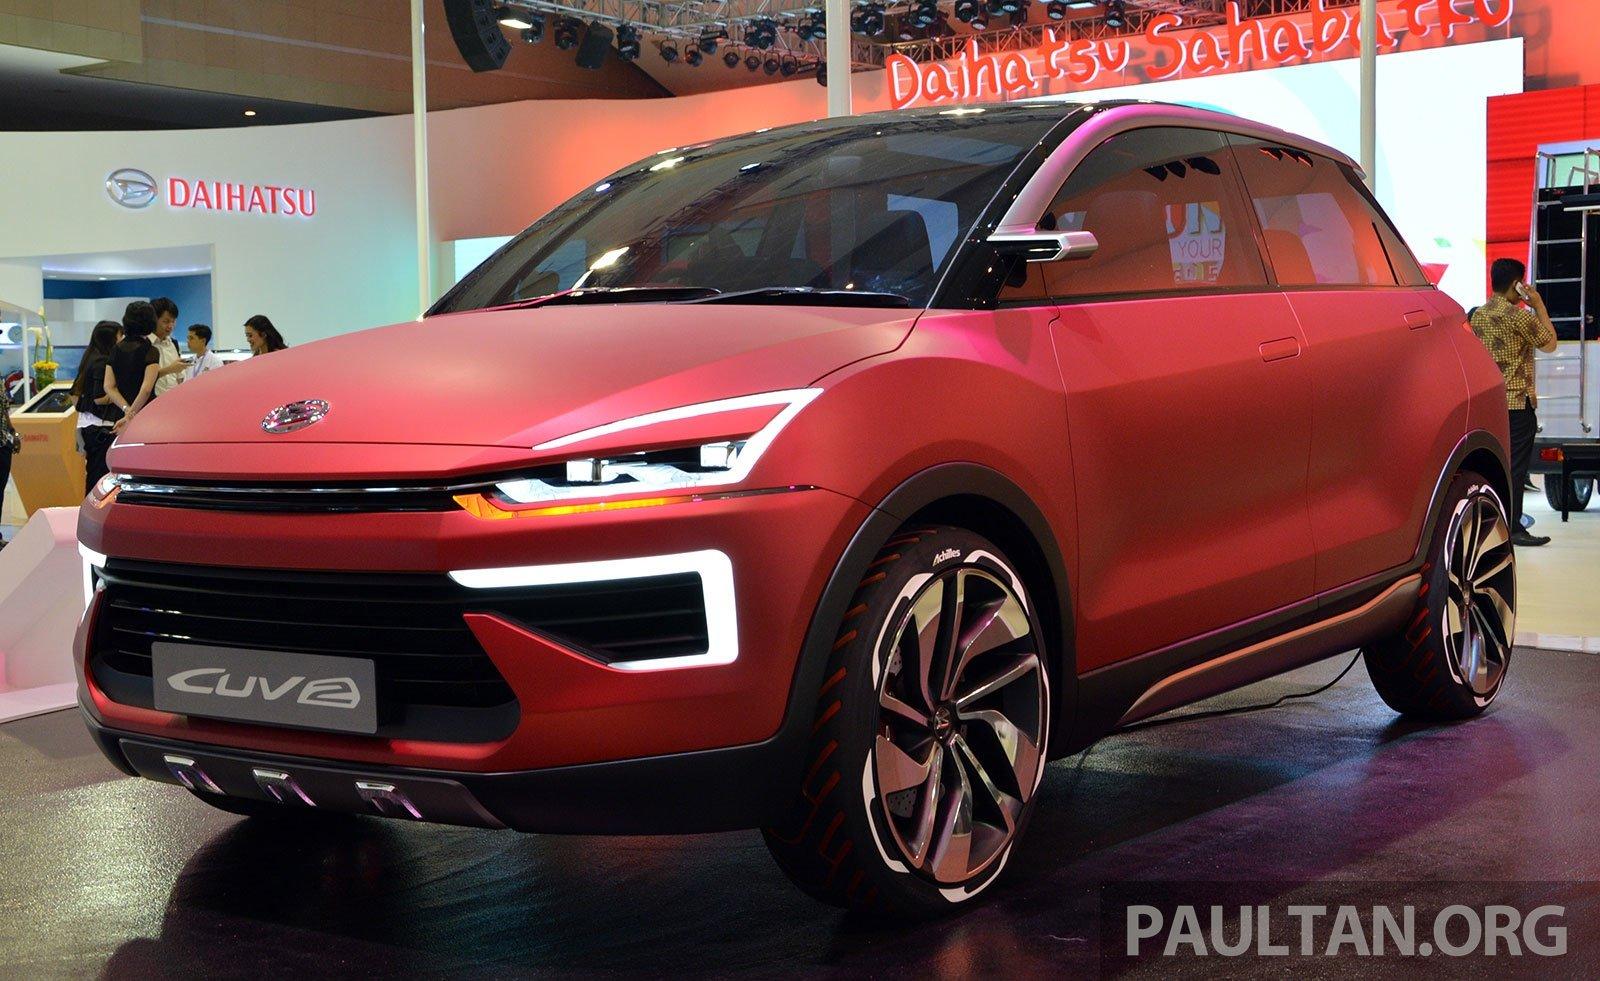 IIMS 2014: Daihatsu CUV-2 Concept, B-segment SUV